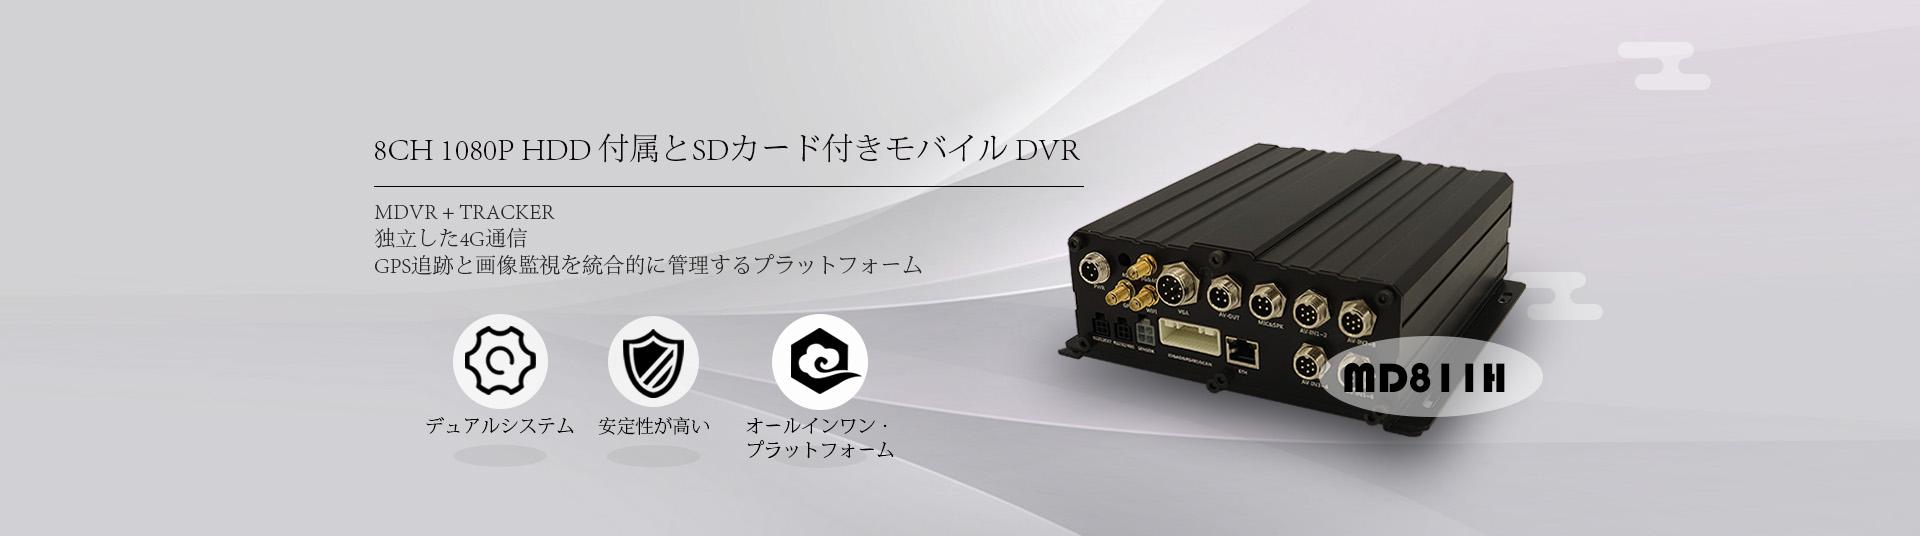 MD811H-banner_jp1